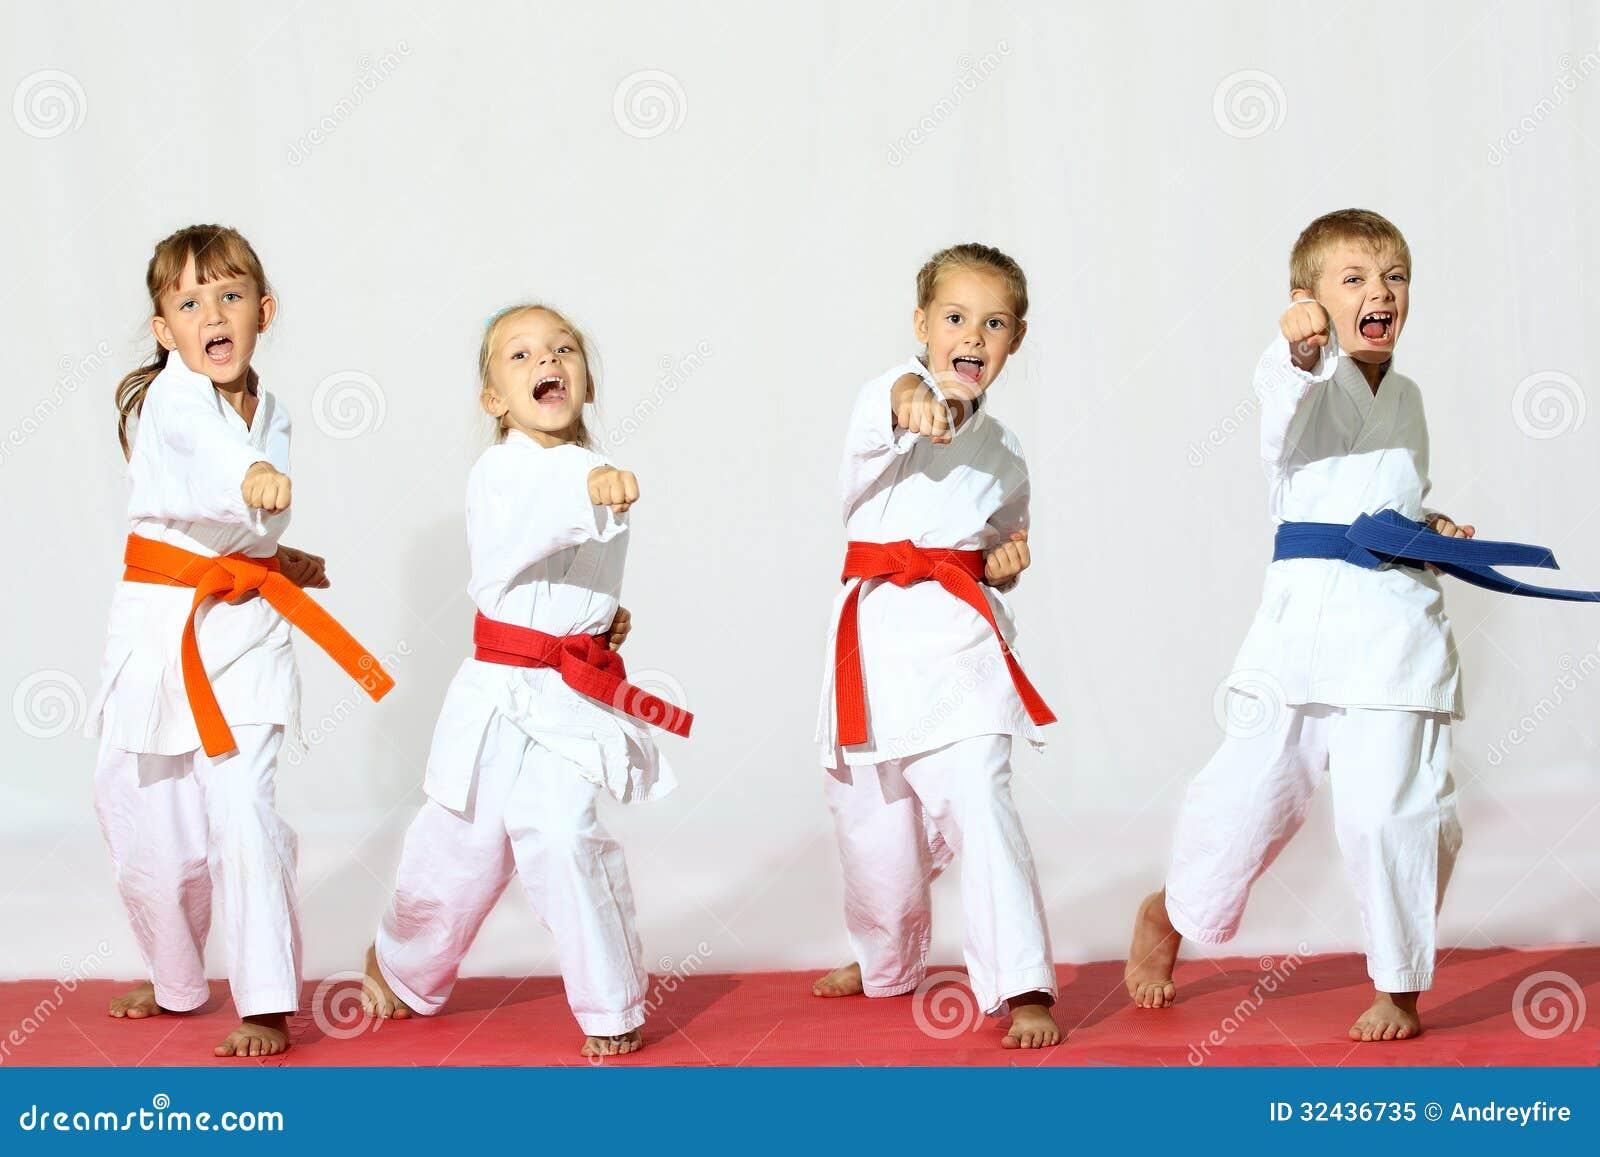 Quattro bambini in kimono hanno colpito una perforazione su un fondo bianco